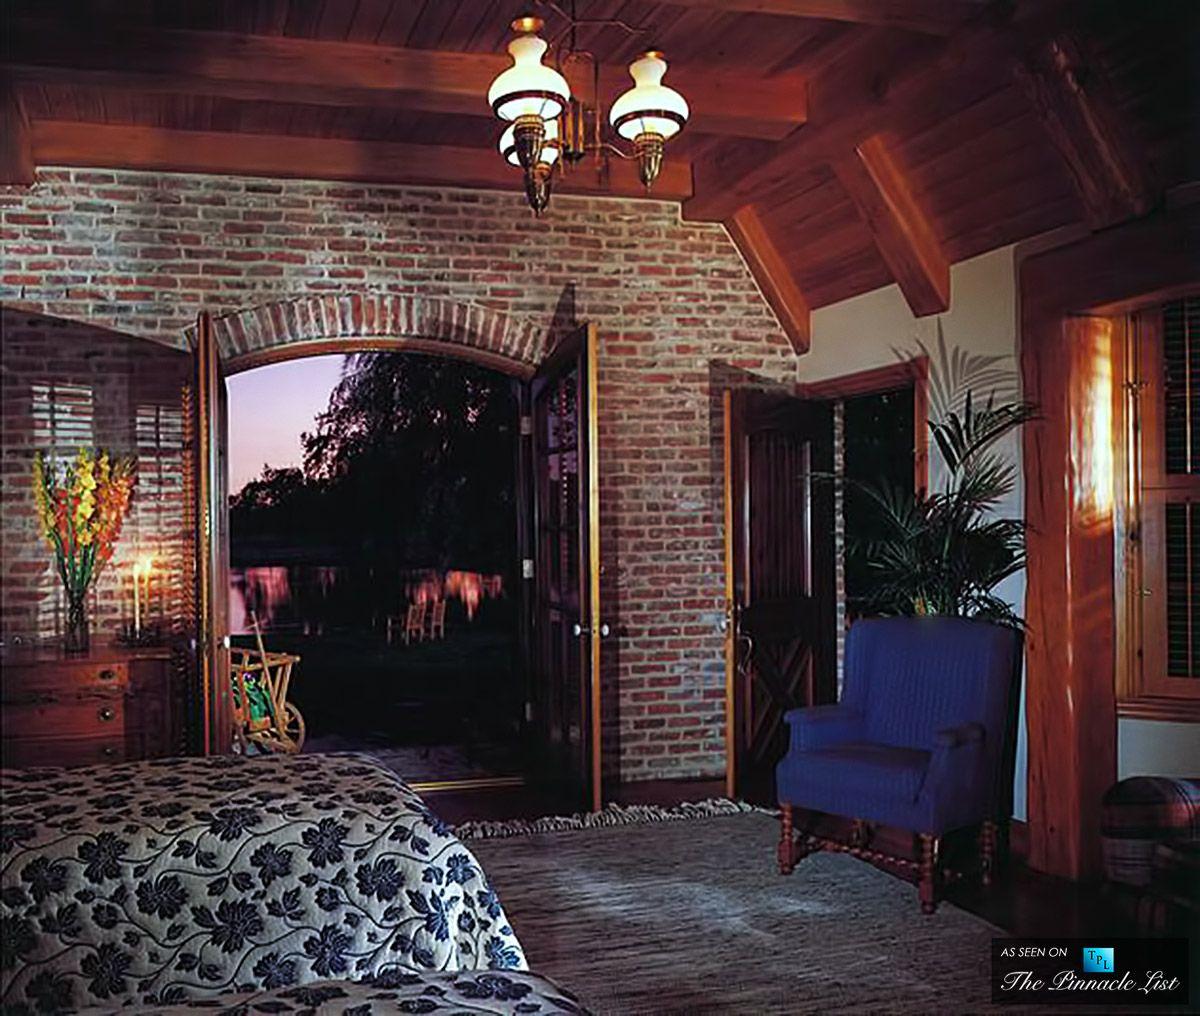 Как поставить двуспальную кровать в зале фото